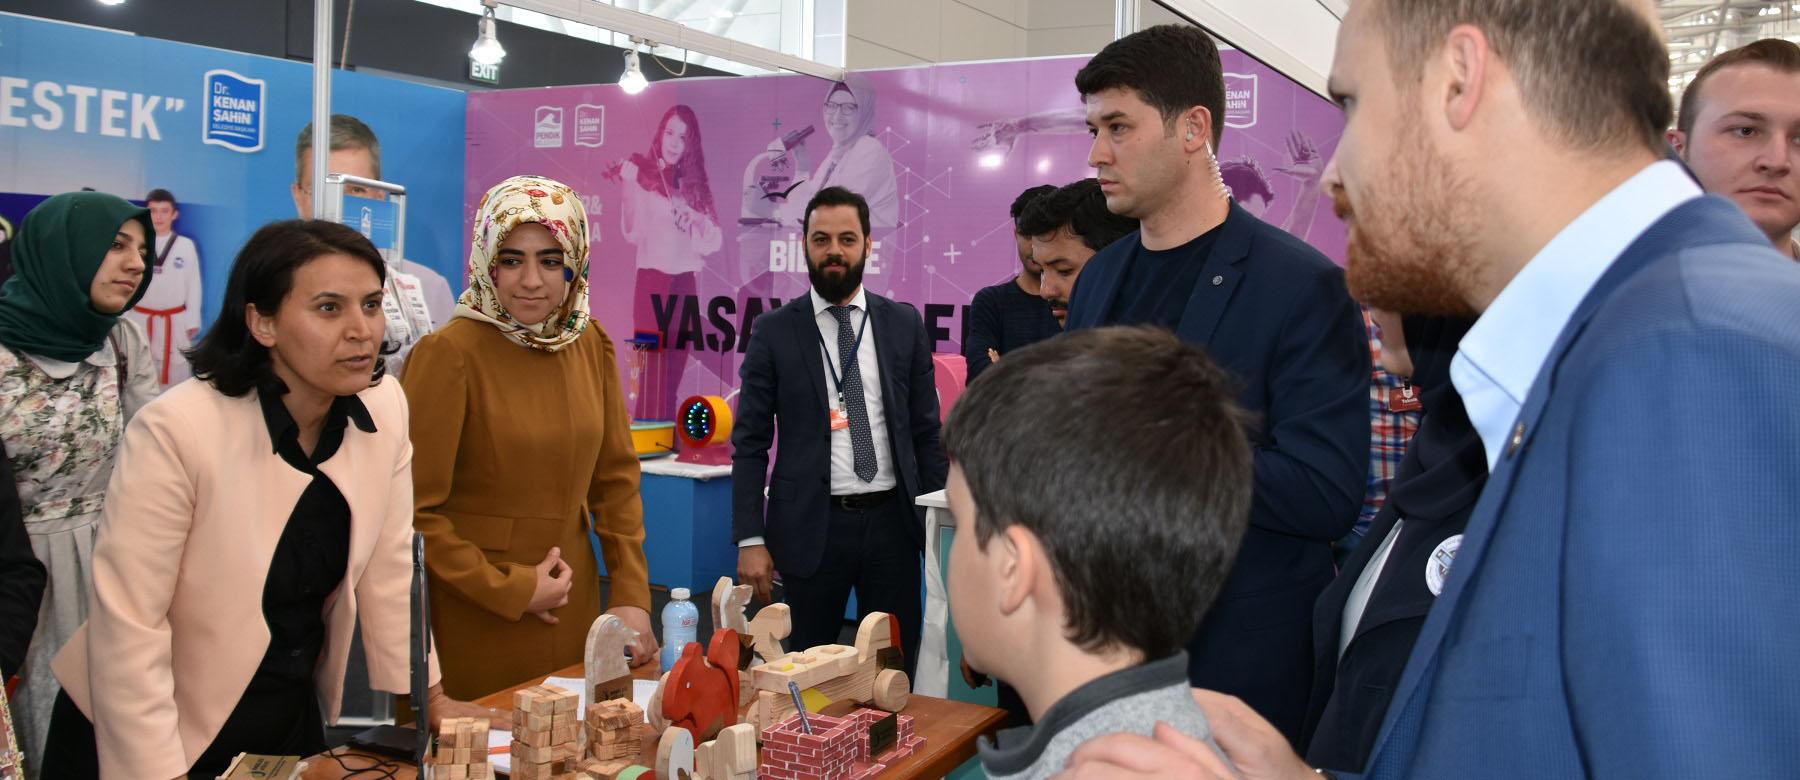 Pendik Belediyesi Gençlik Festivali'nde